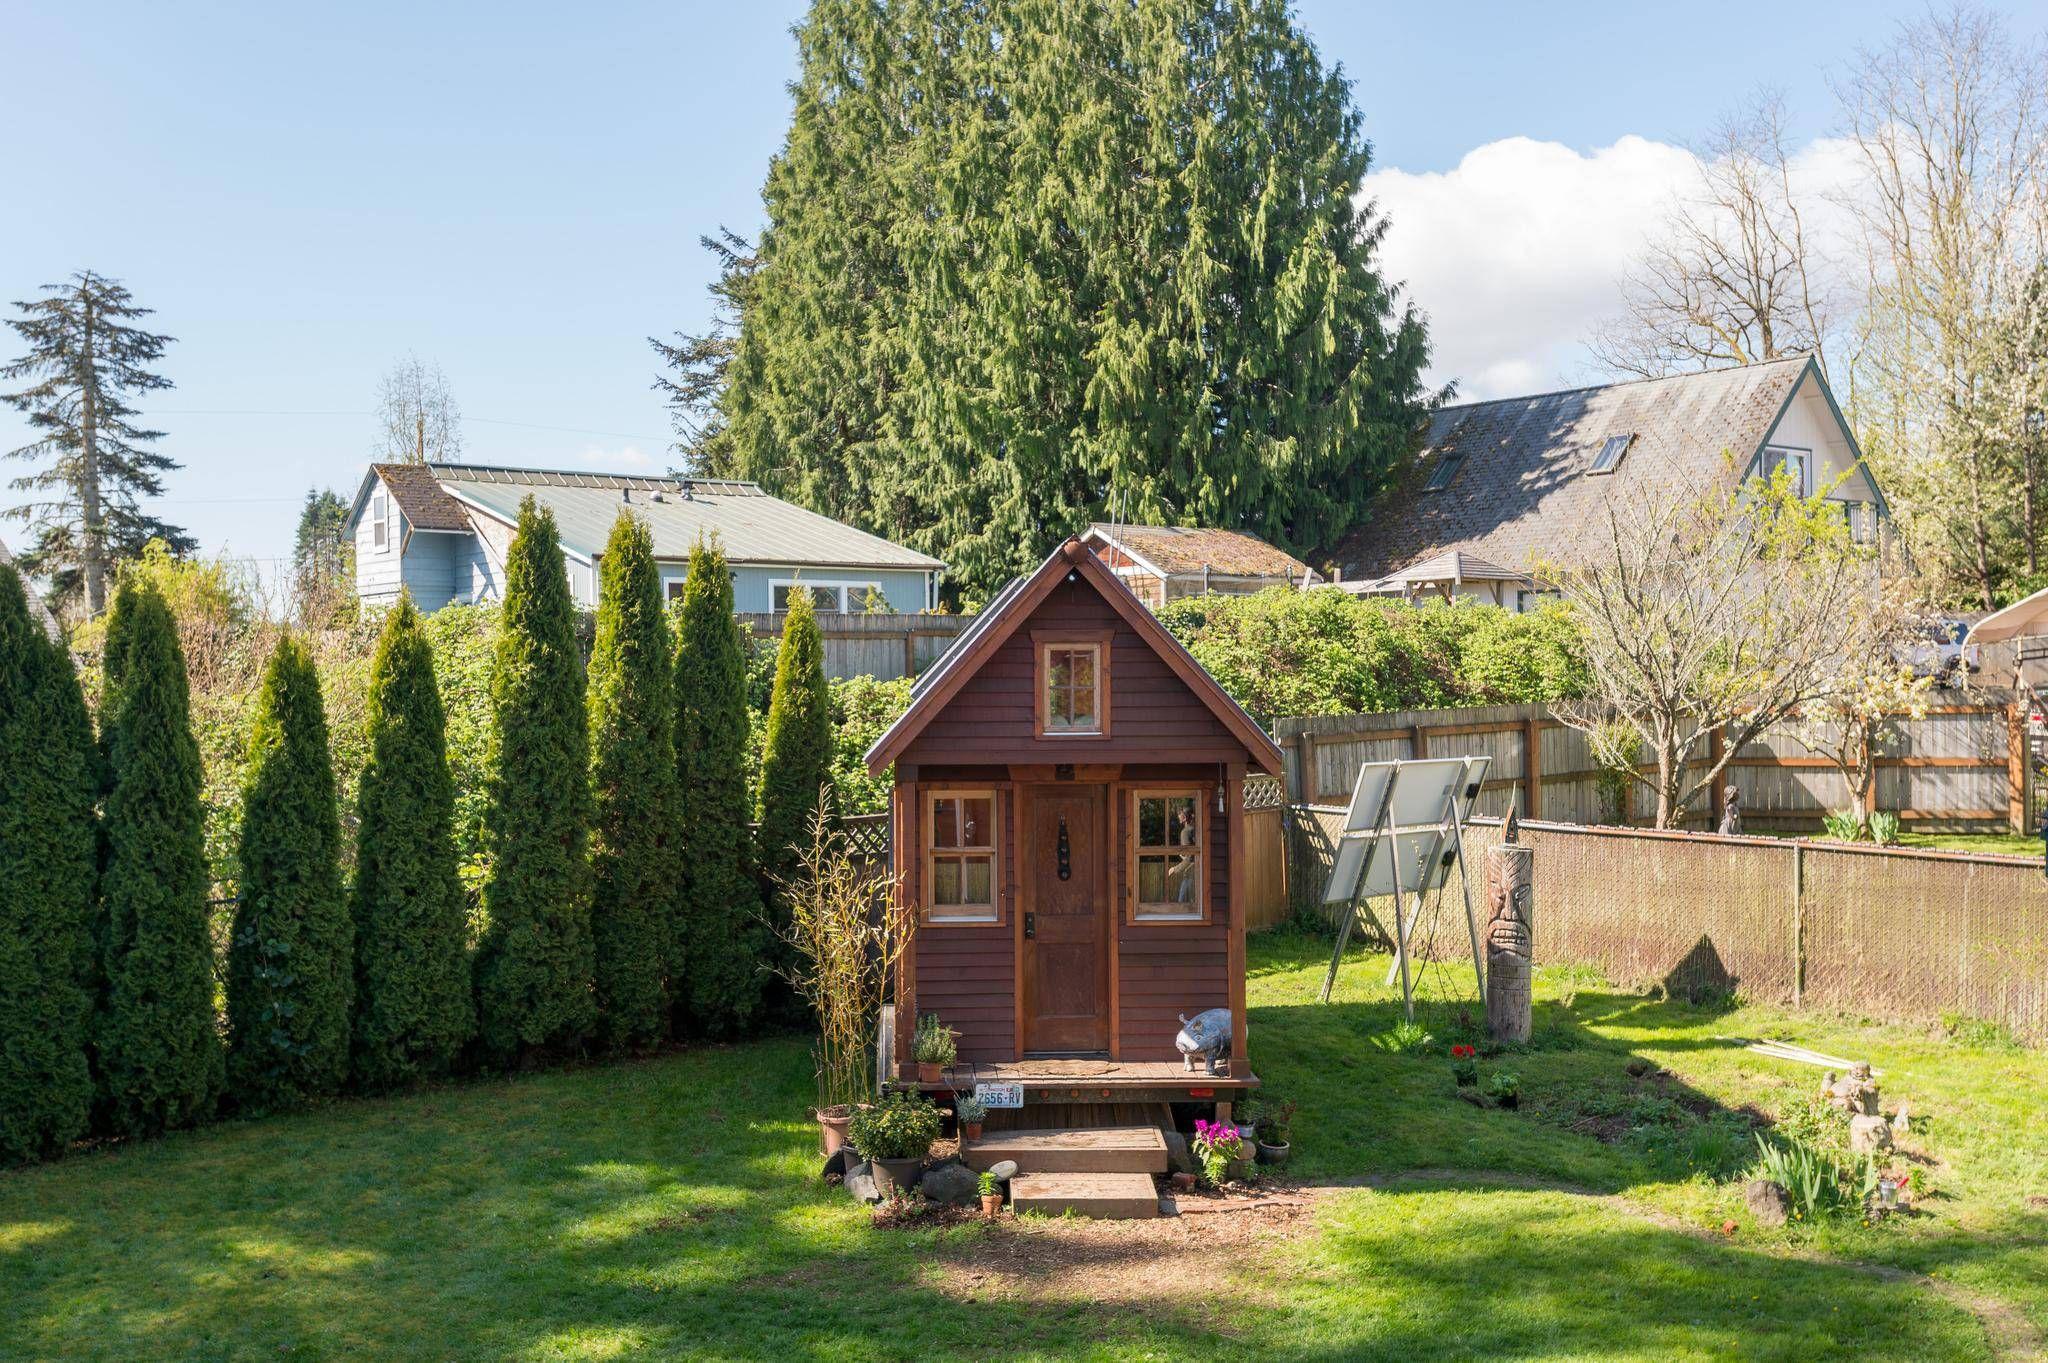 Teeny house, big lie: Why so many proponents of the tiny